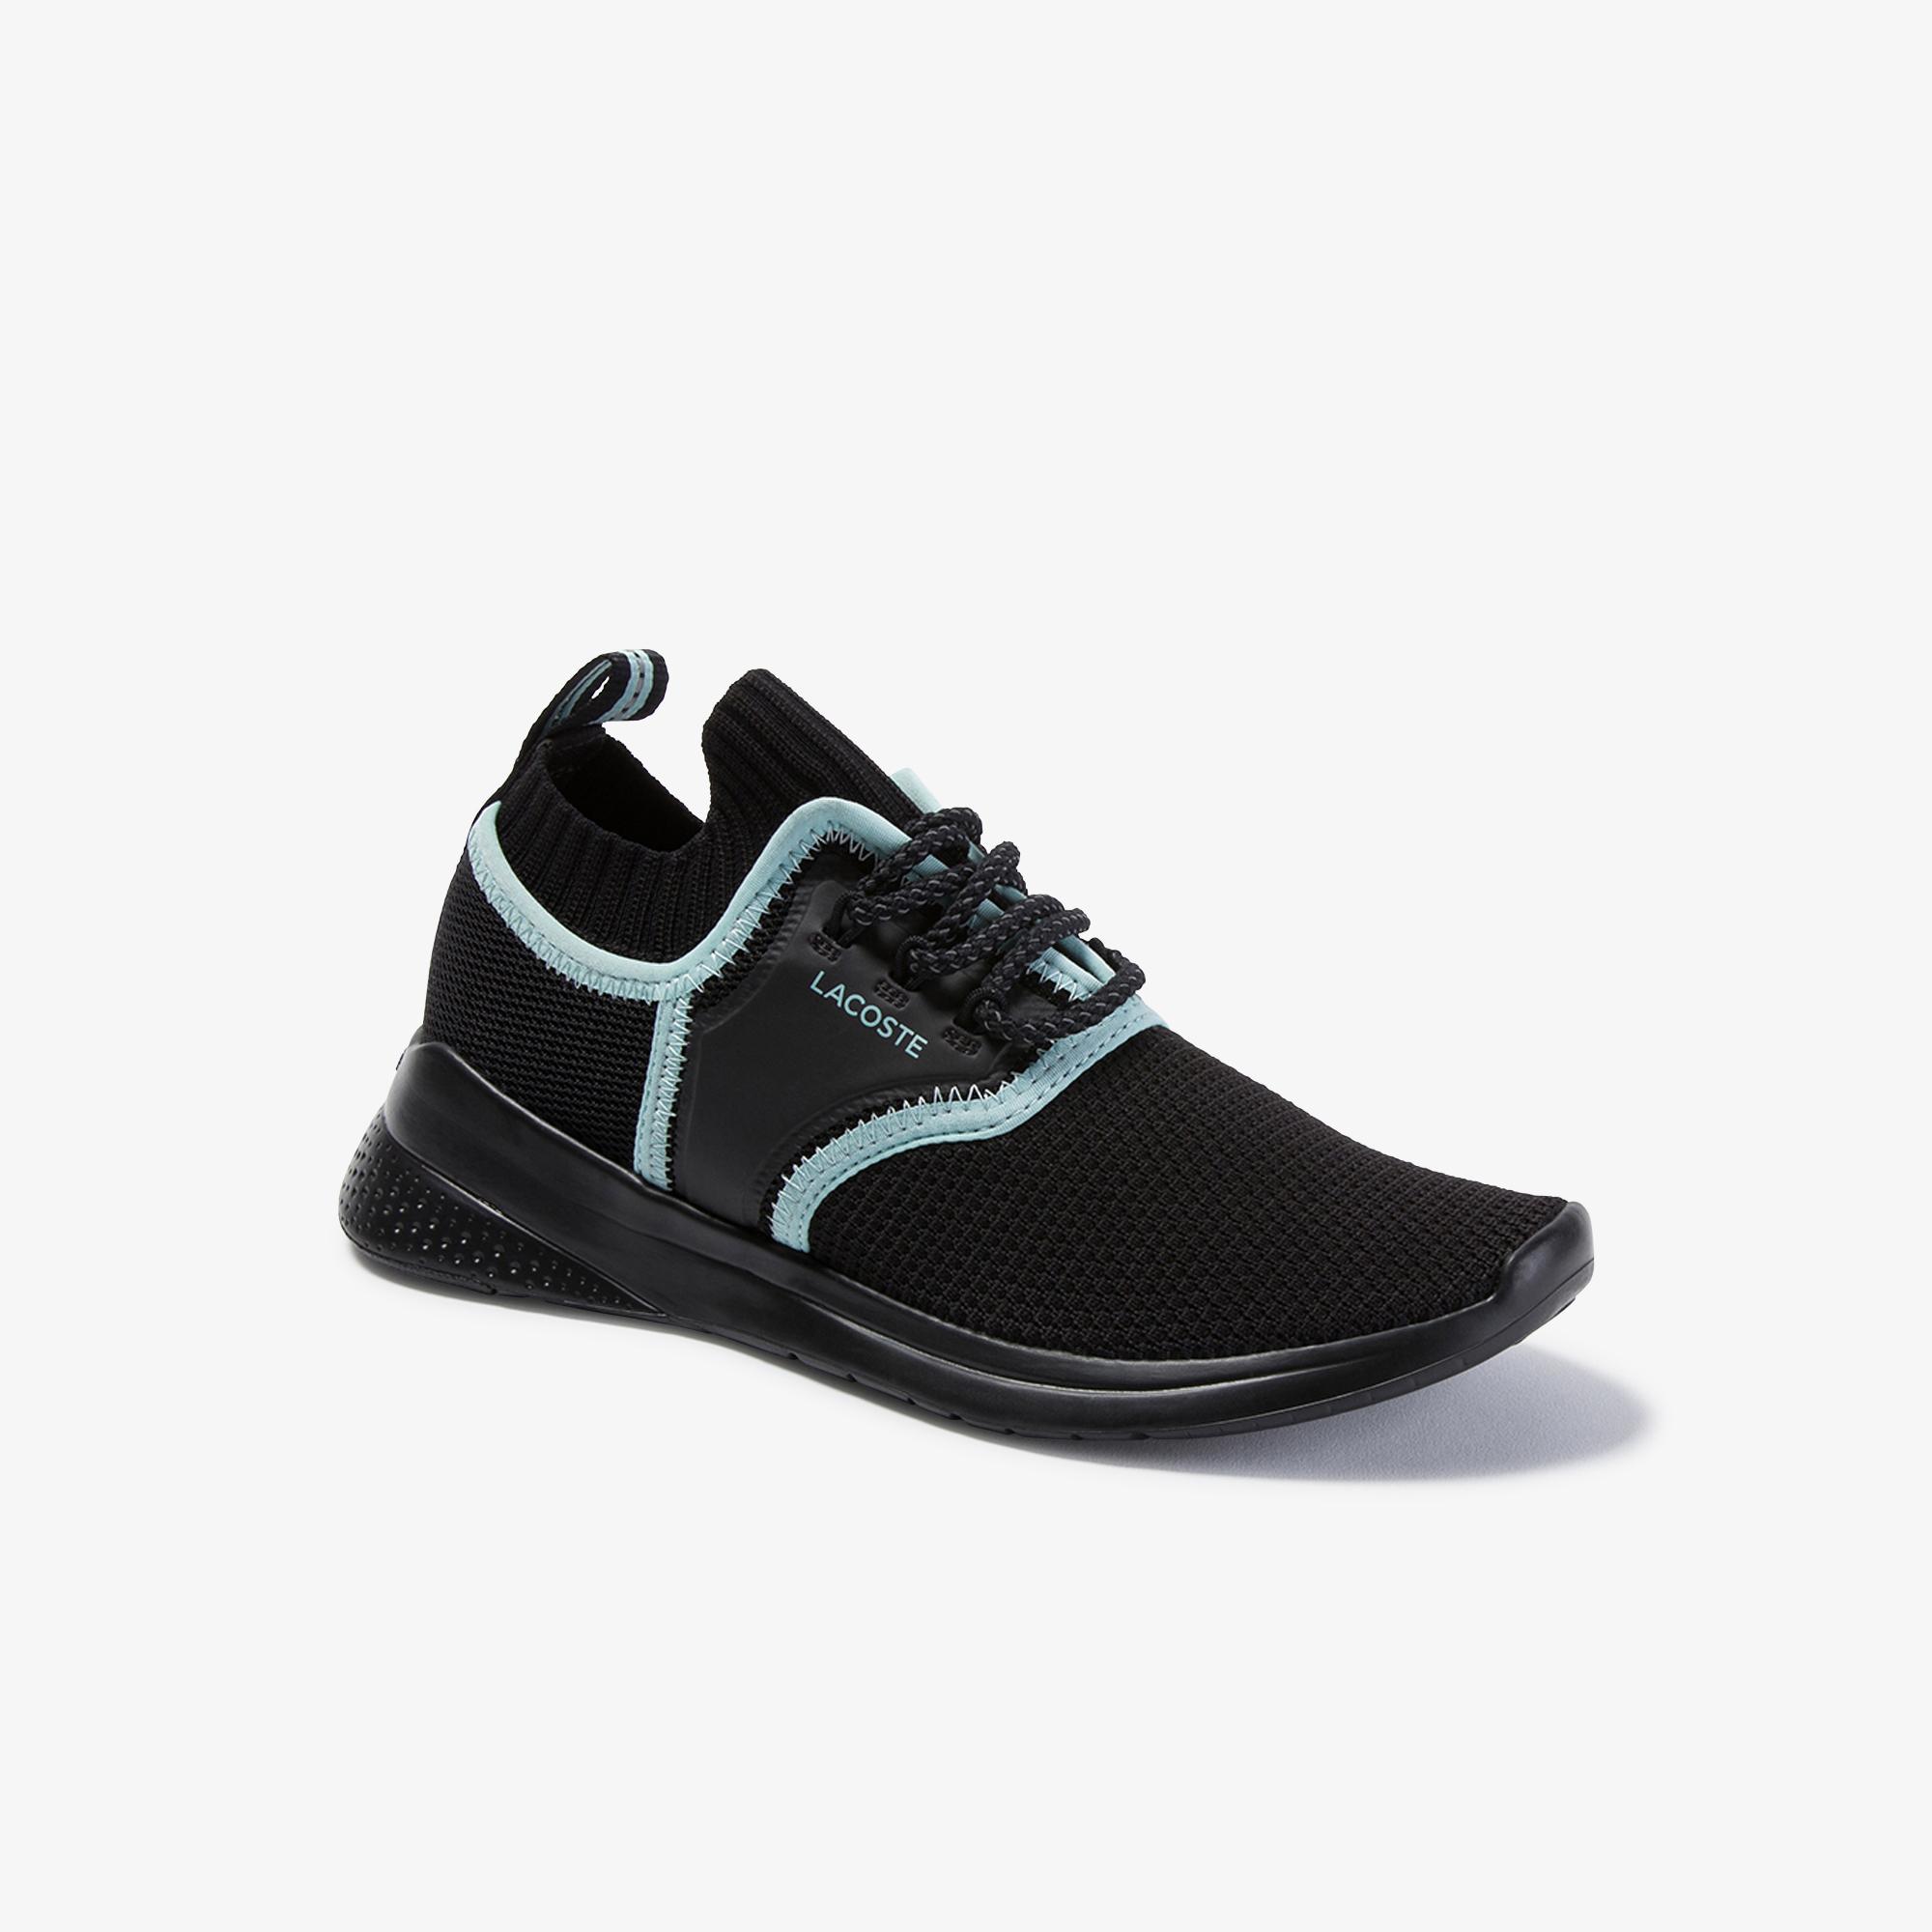 Кросівки жіночі Lacoste LT SENSE REFLECTIVE